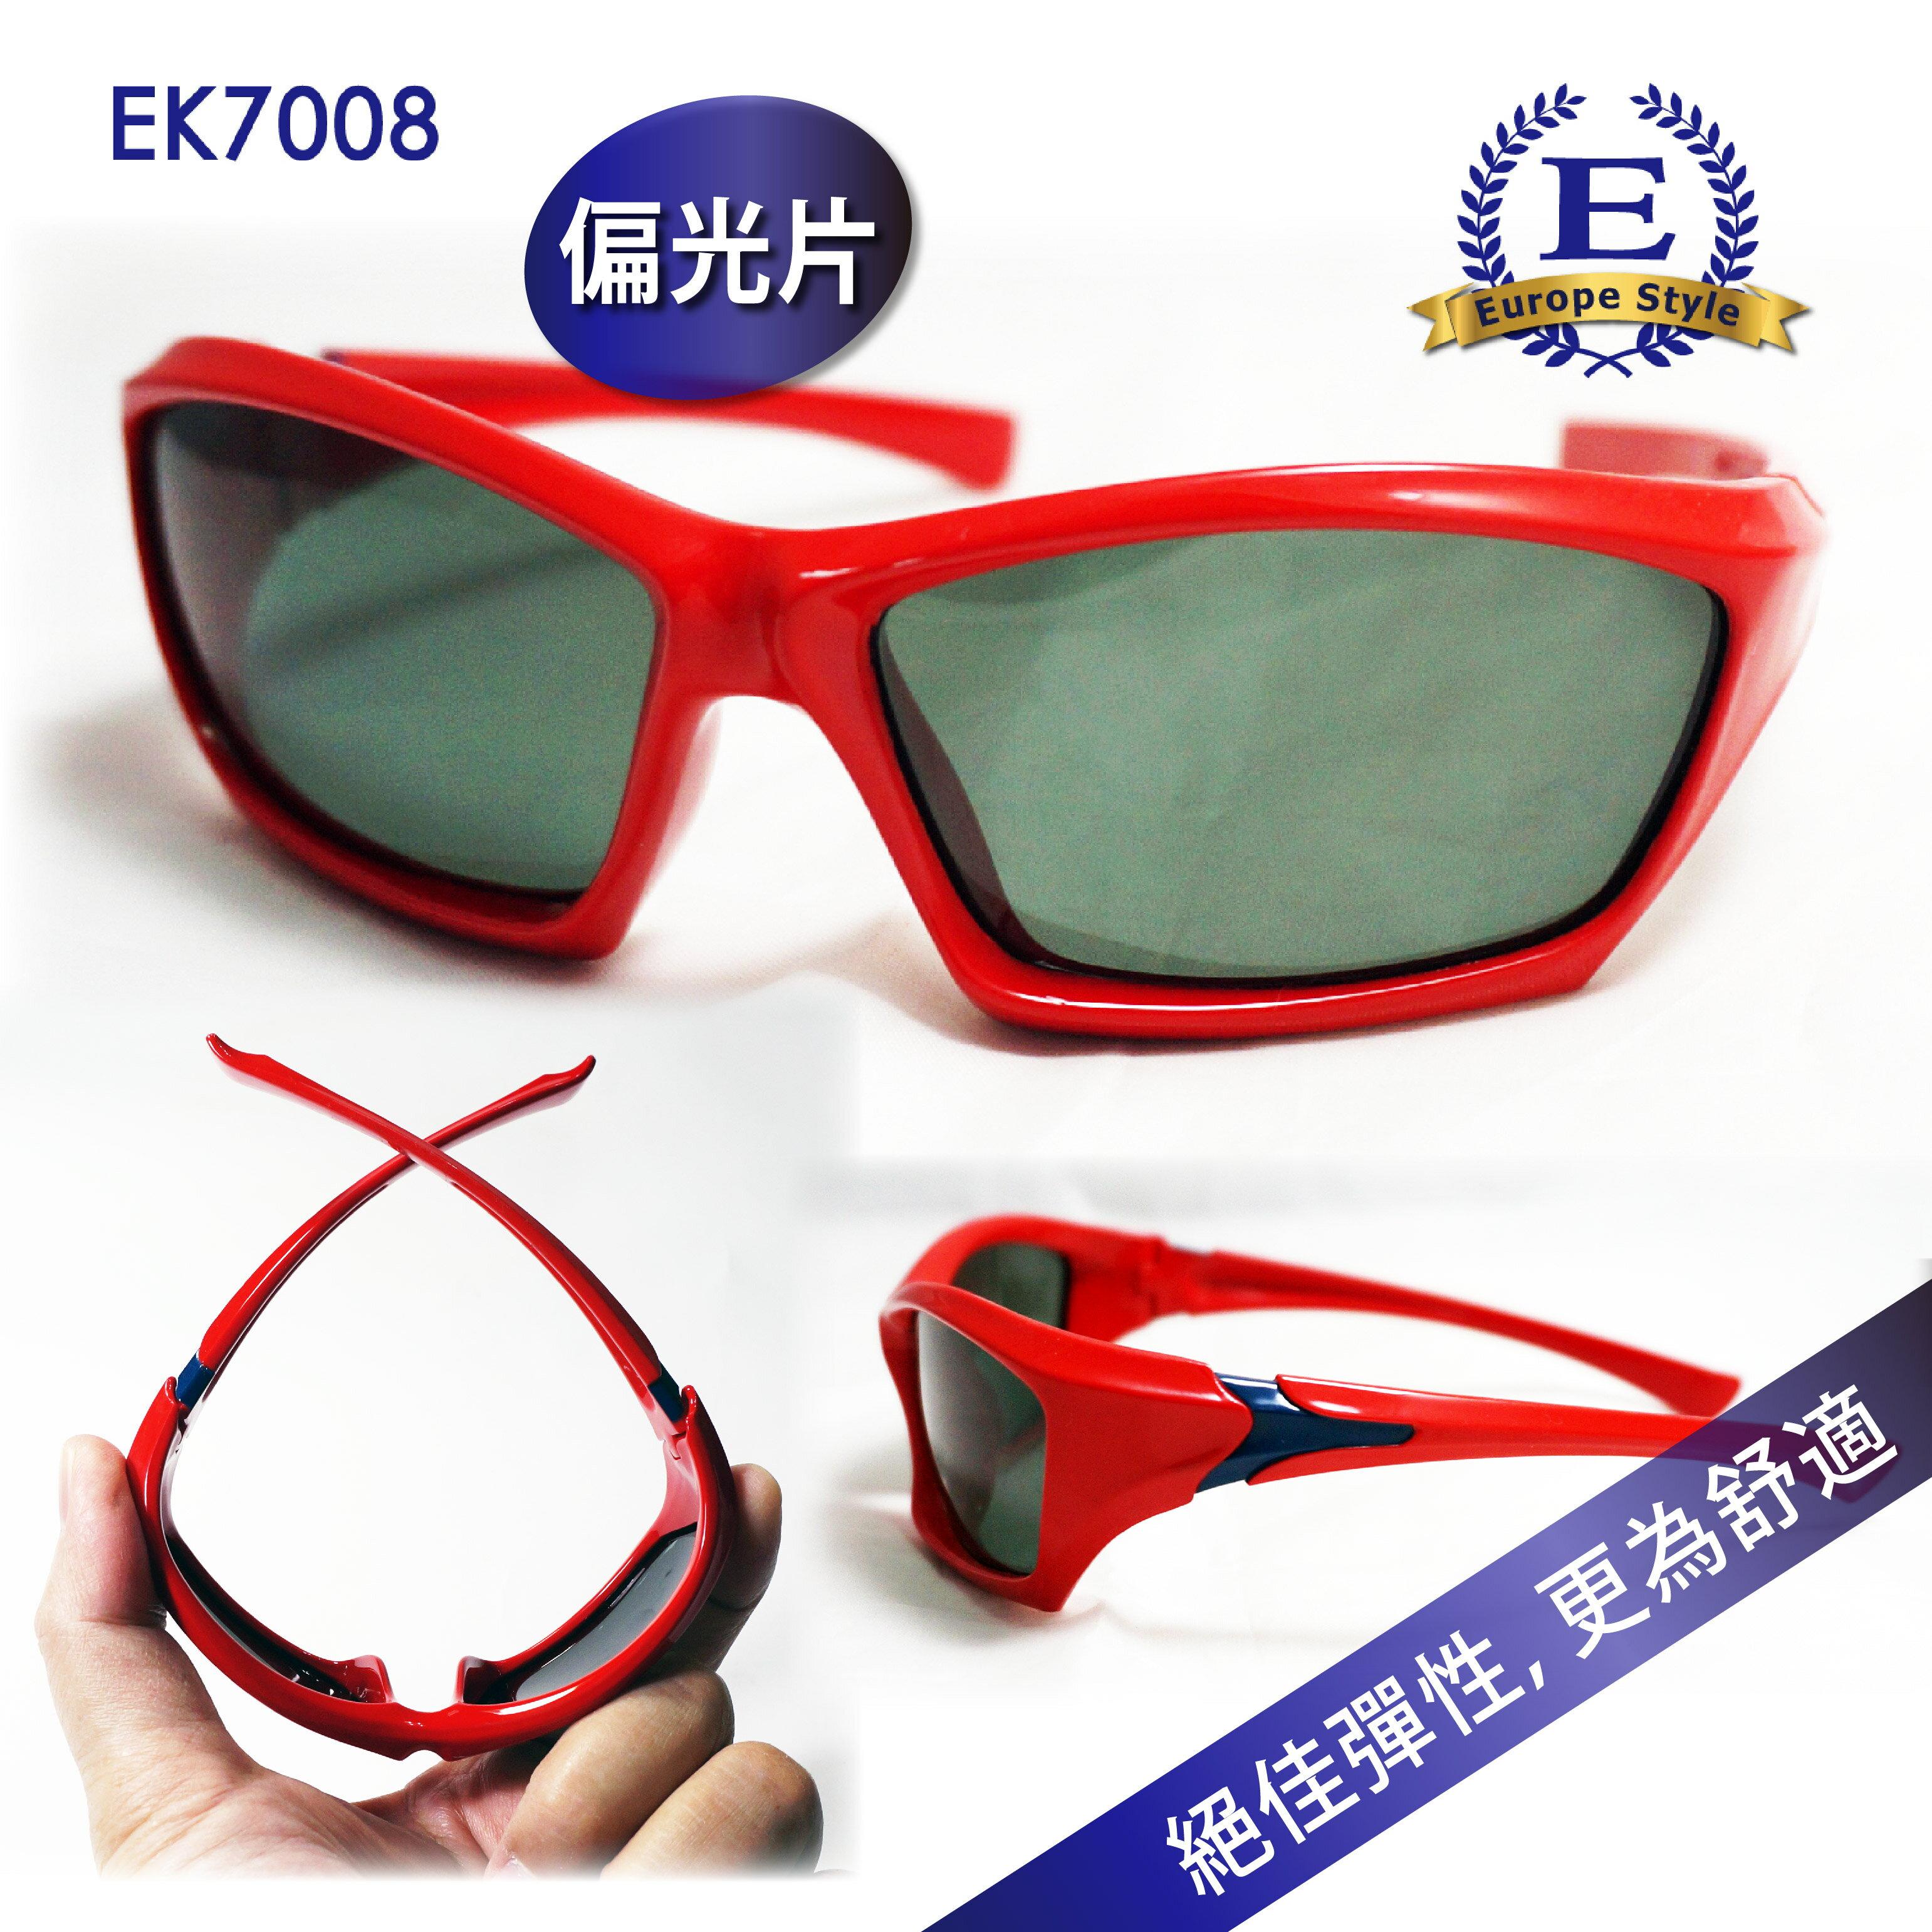 【歐風天地】兒童偏光太陽眼鏡 EK7008 偏光太陽眼鏡 防風眼鏡 單車眼鏡 運動太陽眼鏡 運動眼鏡 自行車眼鏡  野外戶外用品